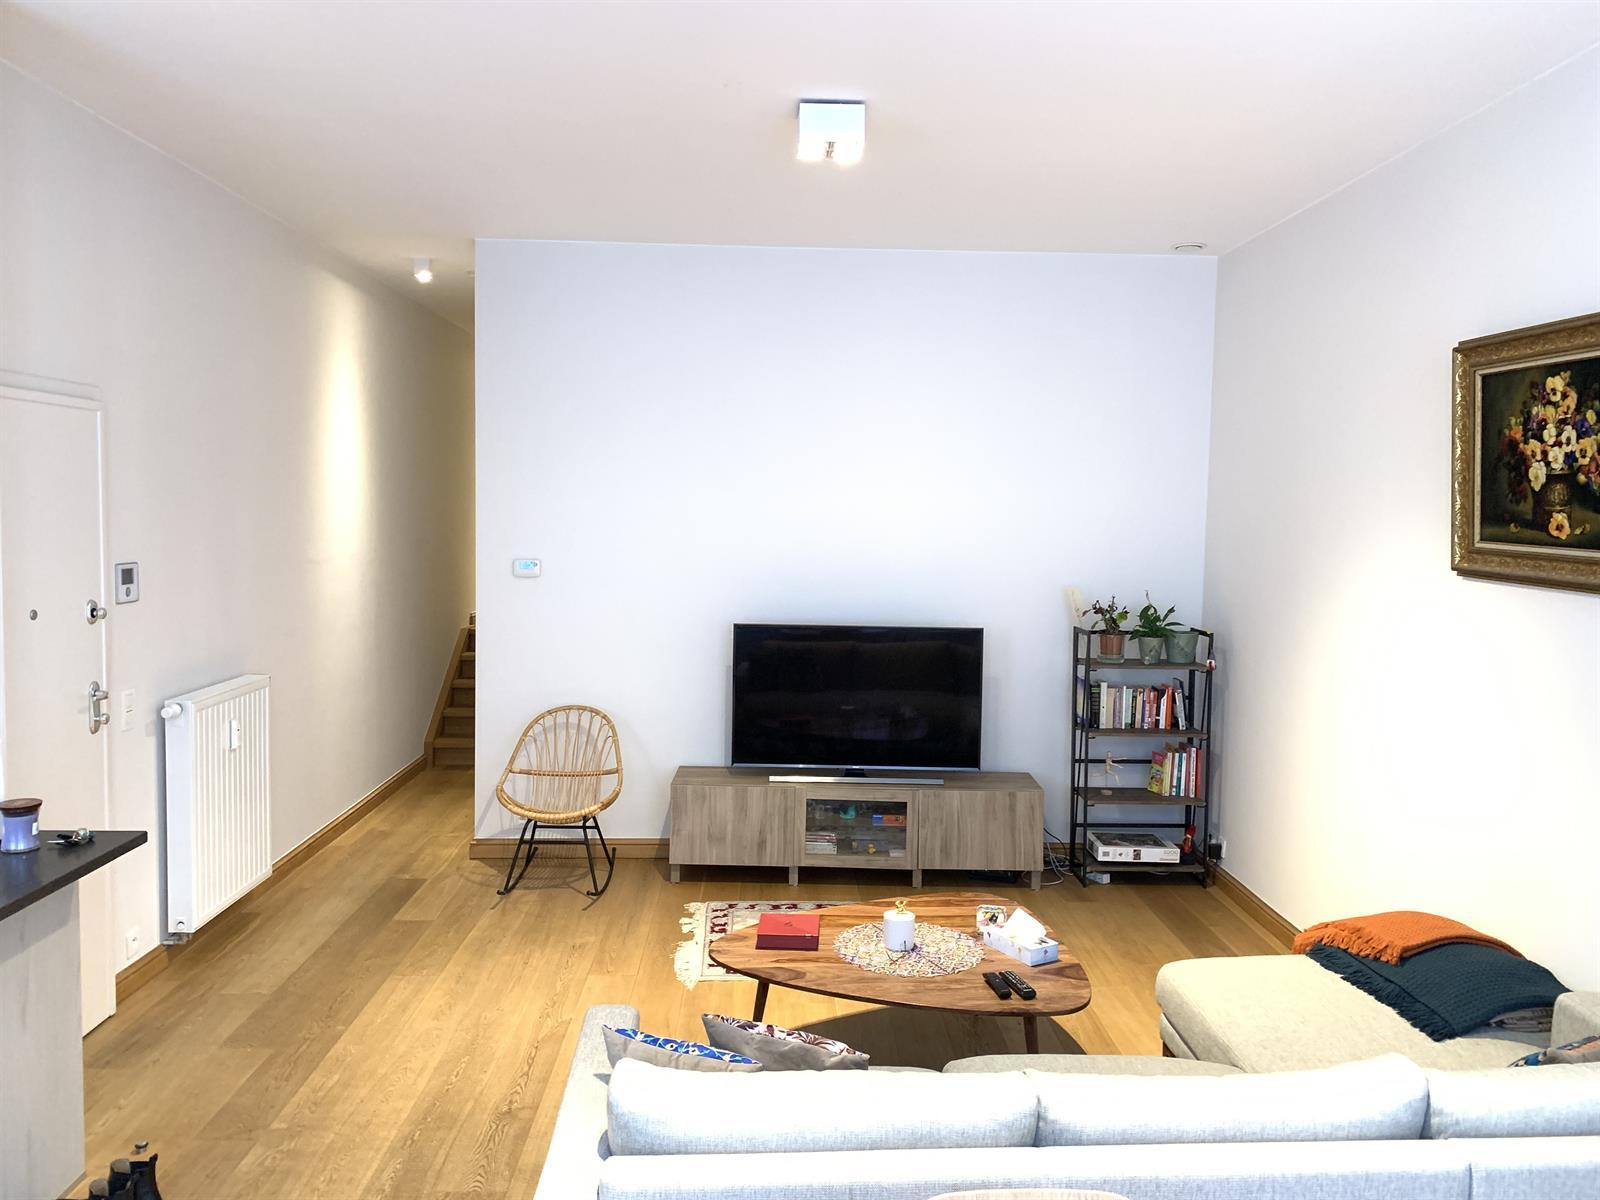 Appartement exceptionnel - Bruxelles - #4094385-42